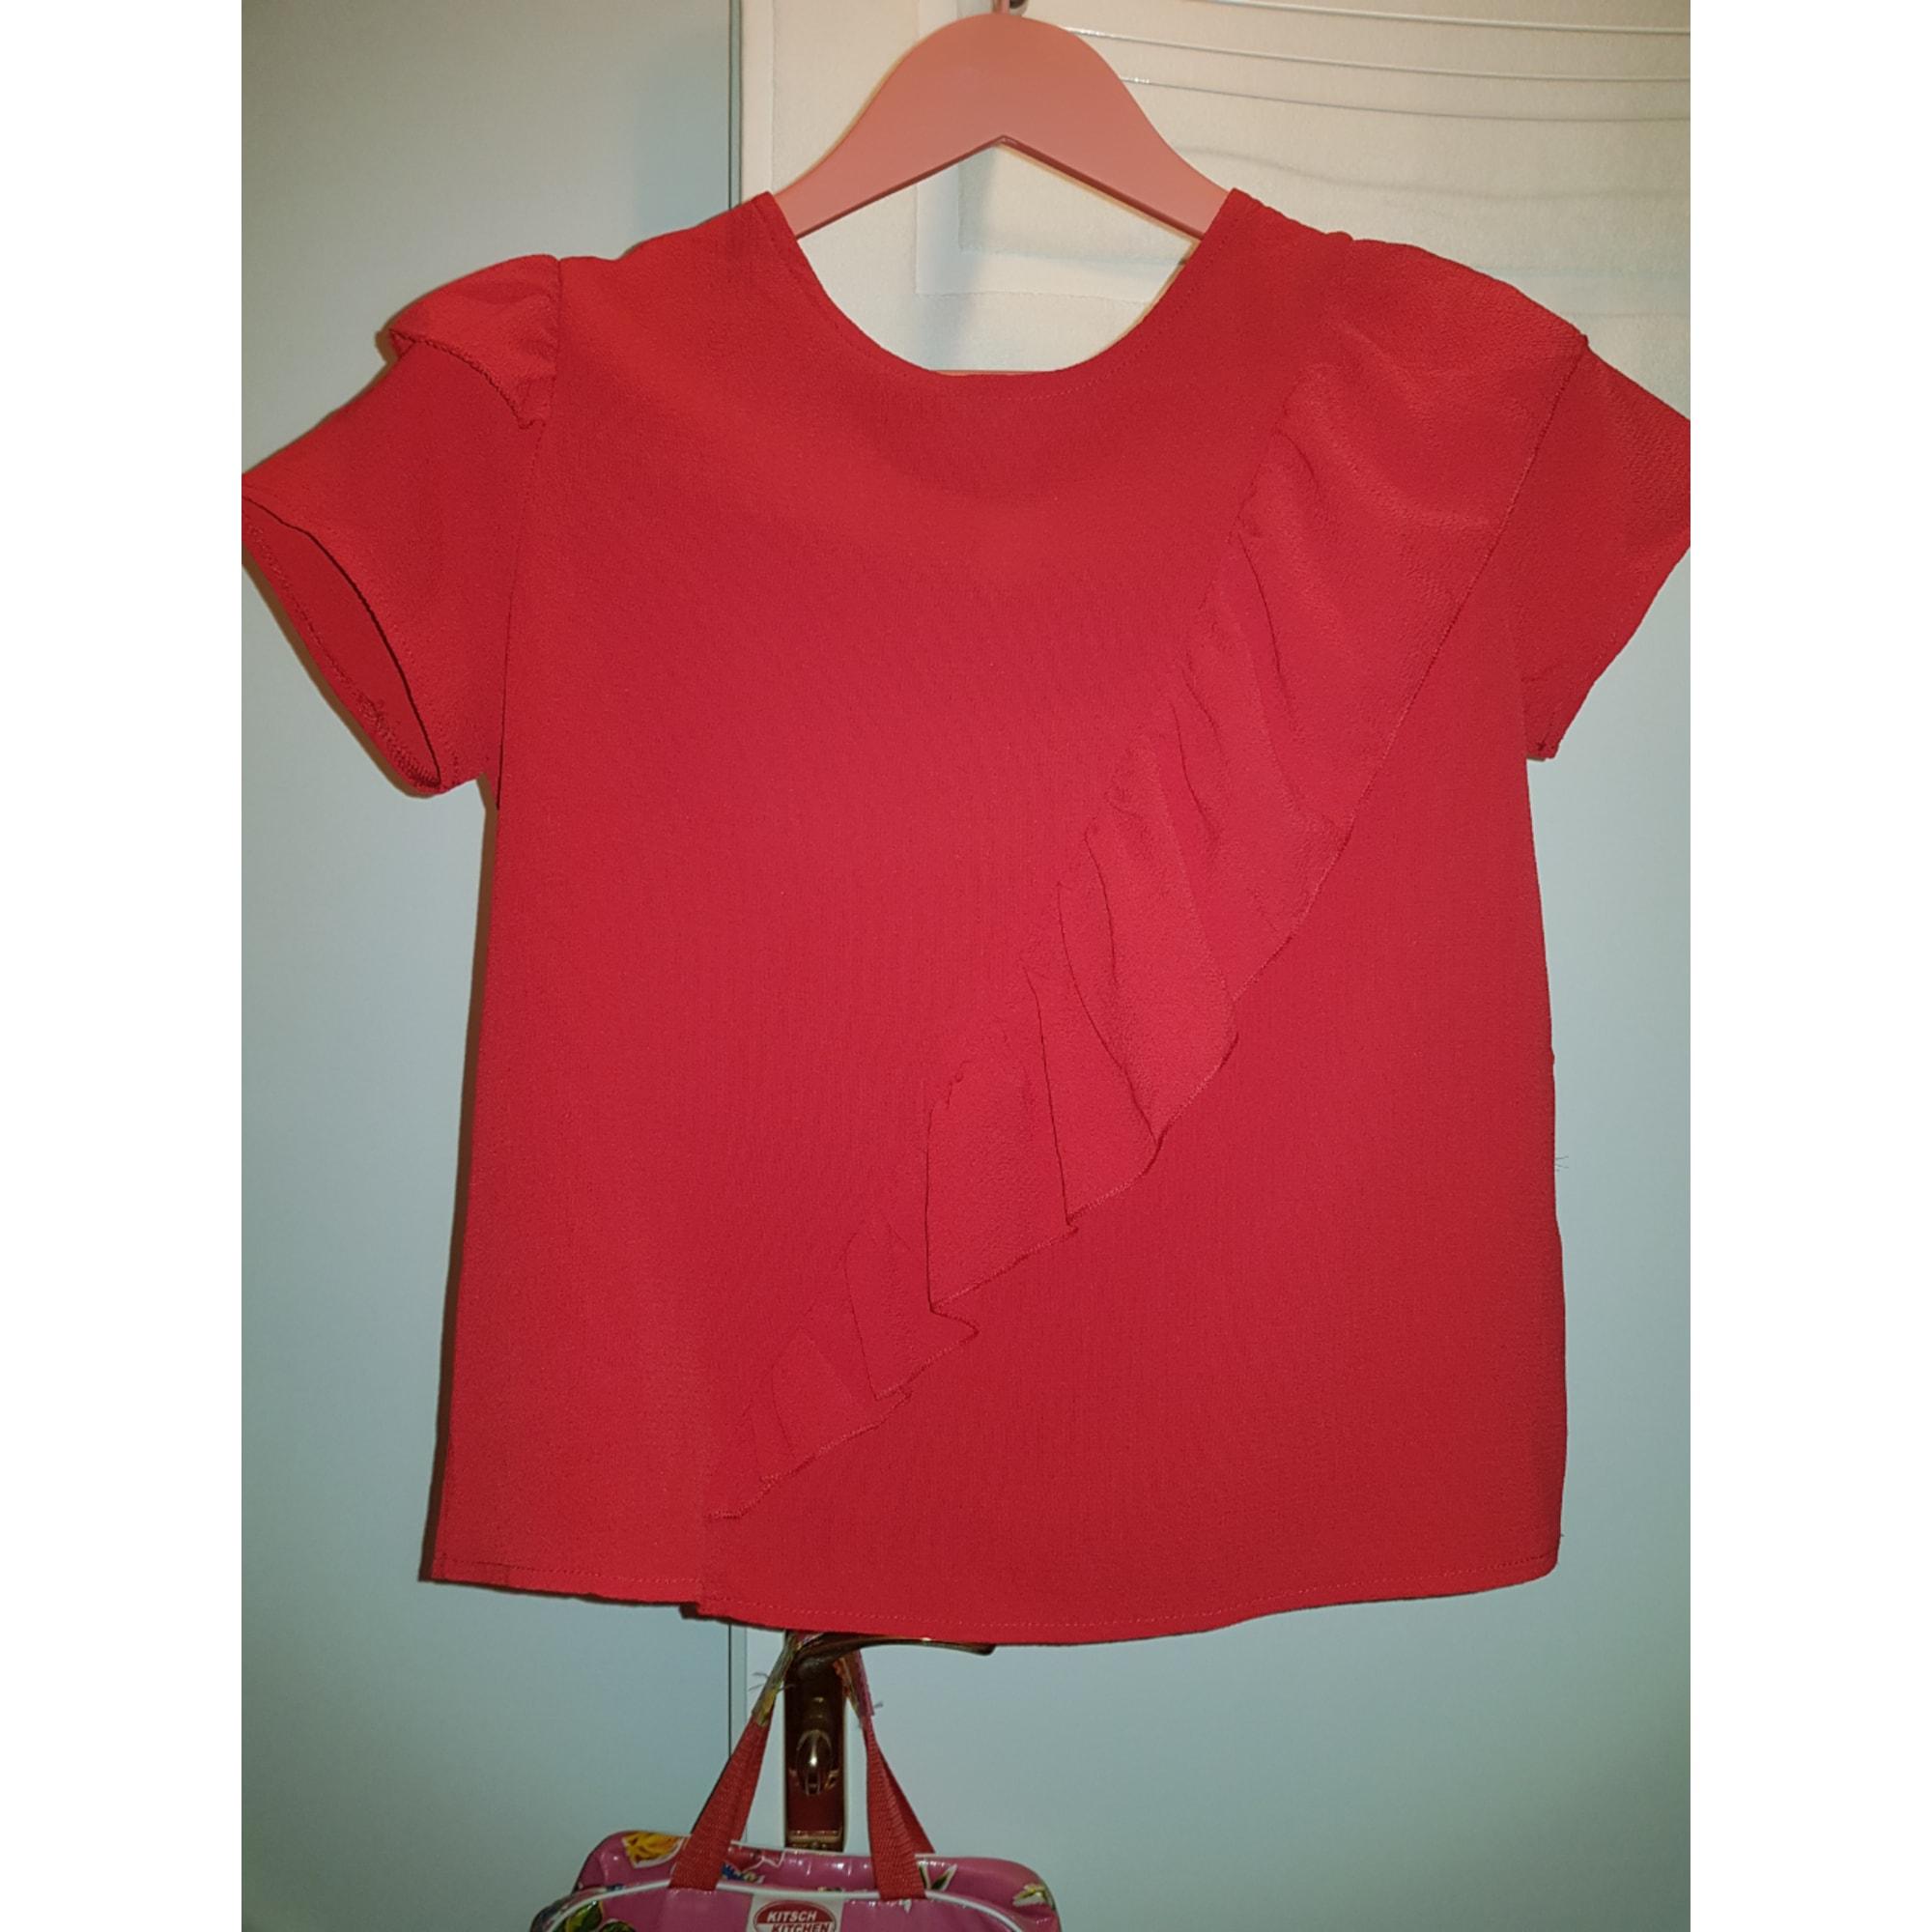 Top, tee-shirt LA REDOUTE Rouge, bordeaux